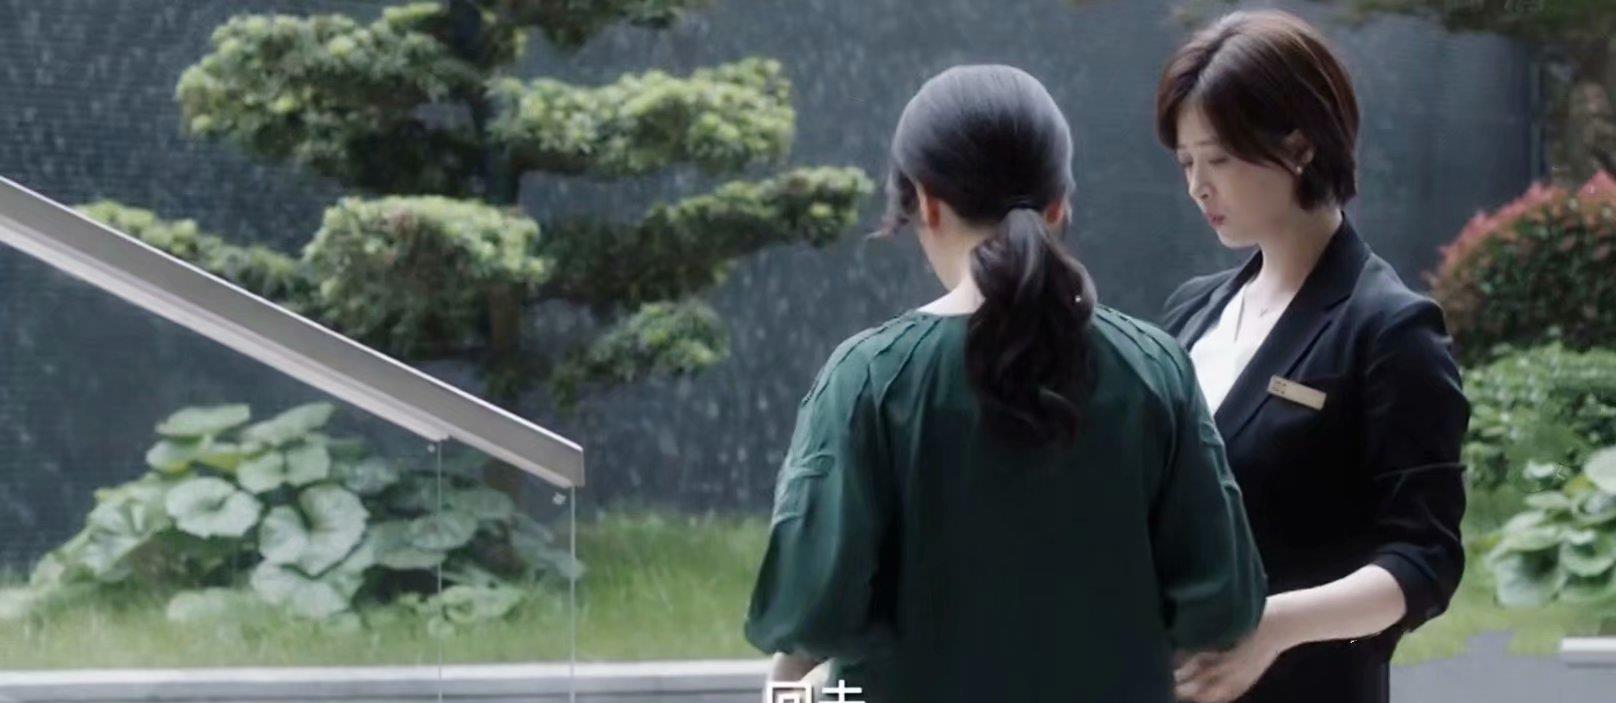 小舍得:真相大白,南建龙拒加蔡菊英的名字,与颜子悠有关